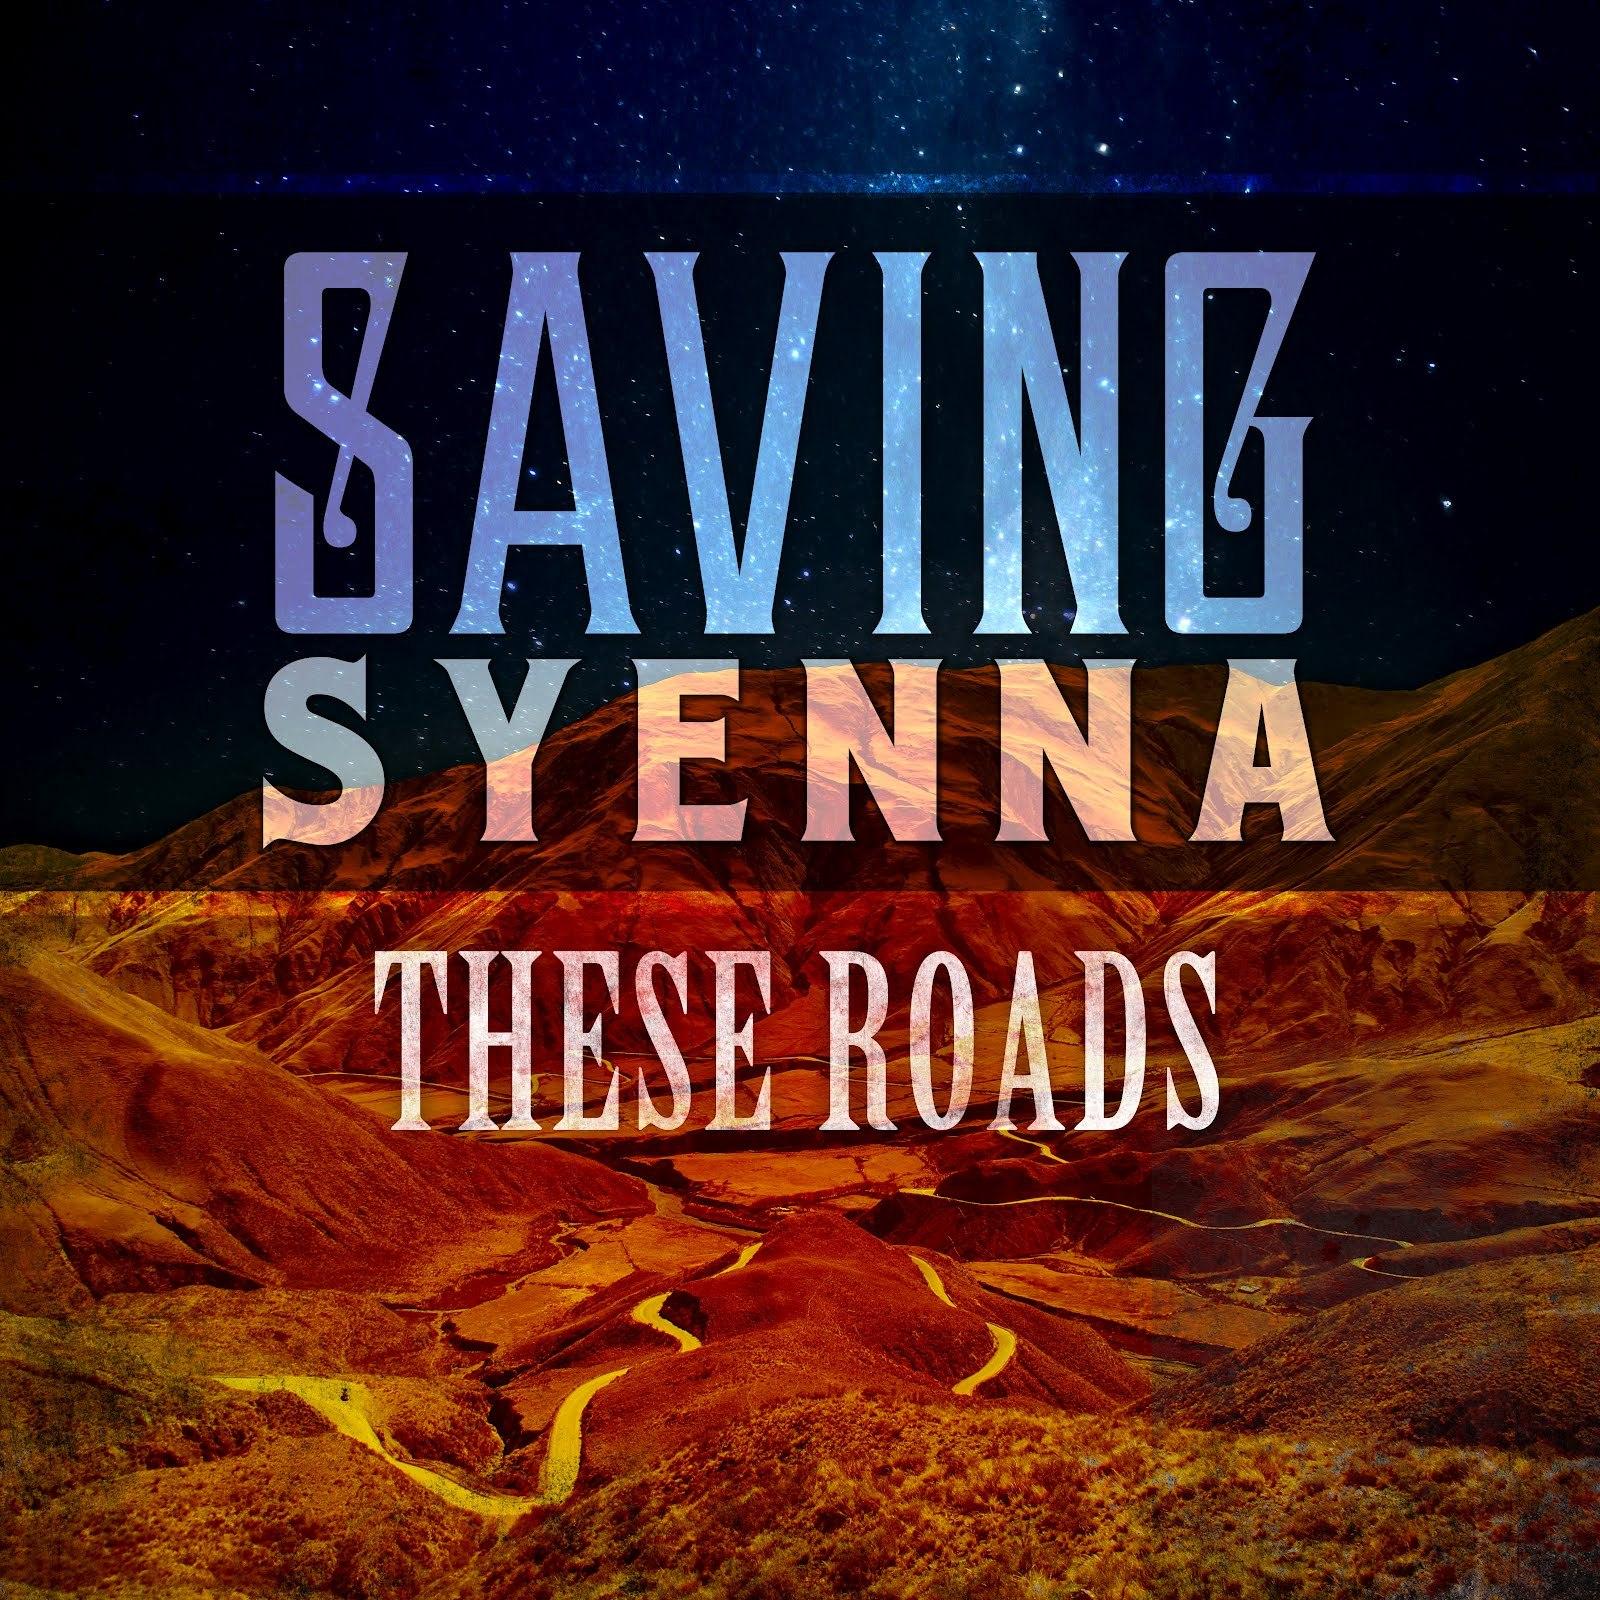 SavingSyenna - These Roads [EP] (2012)